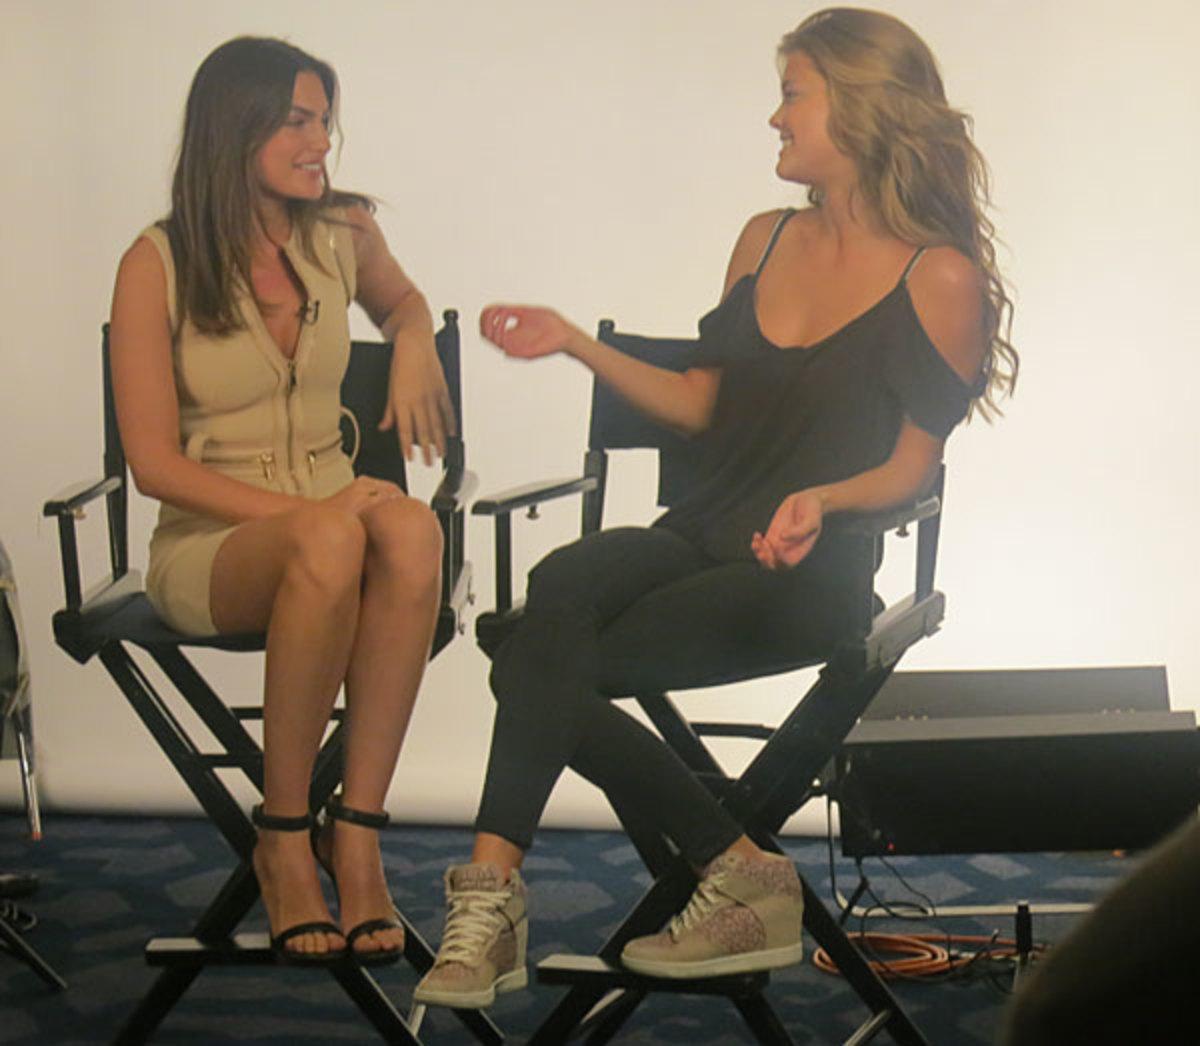 Alyssa Miller and Nina Agdal :: Andy Gray/SI